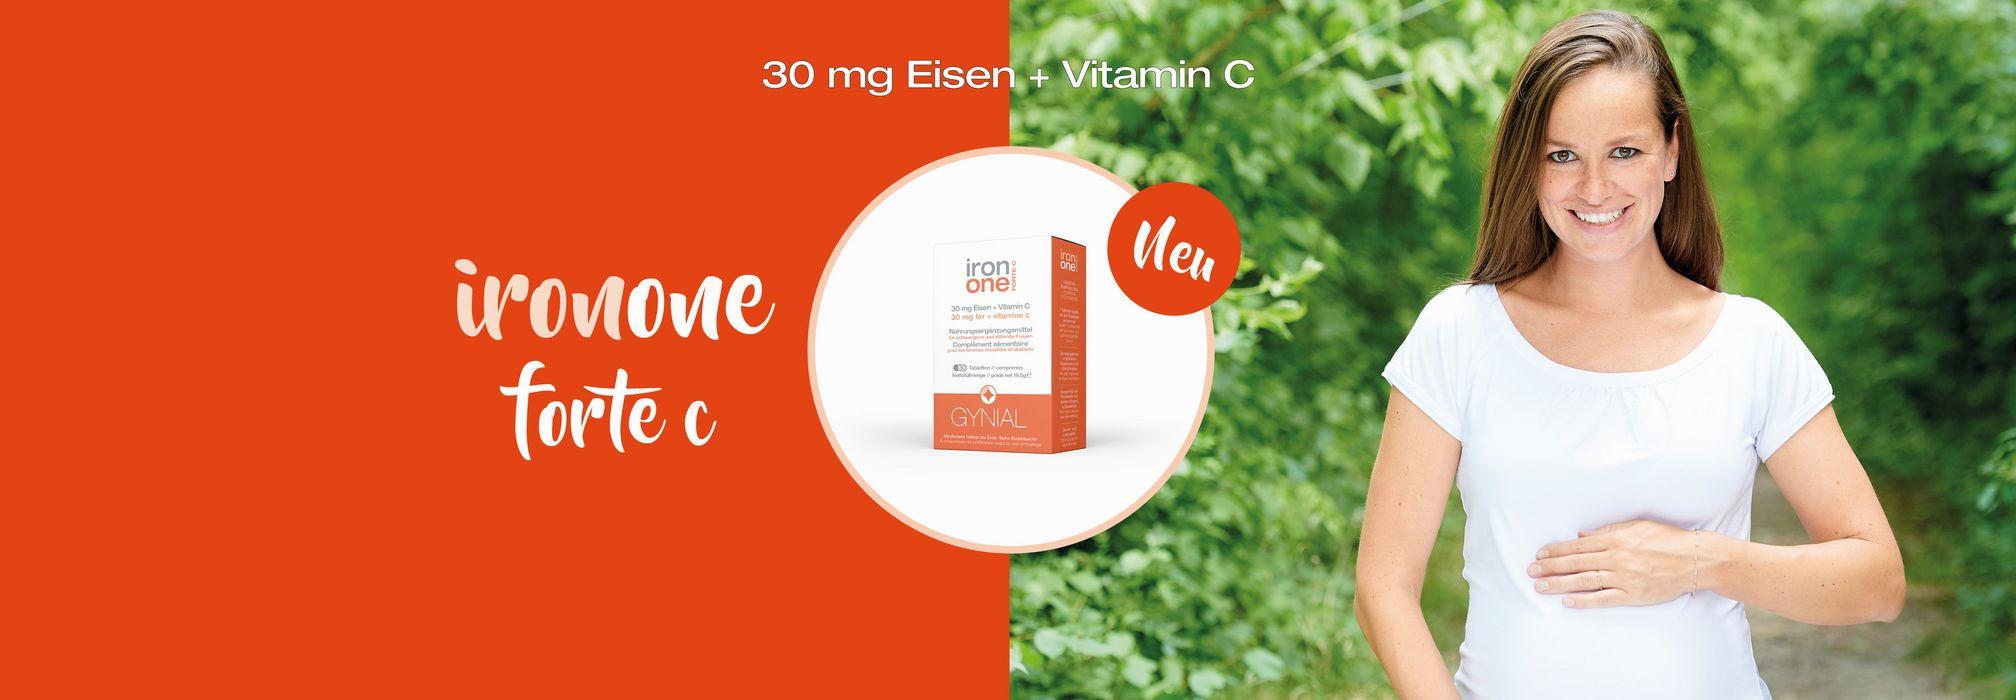 IronOne FORTE C Nahrungsergänzungsmittel Eisen und Vitamin C